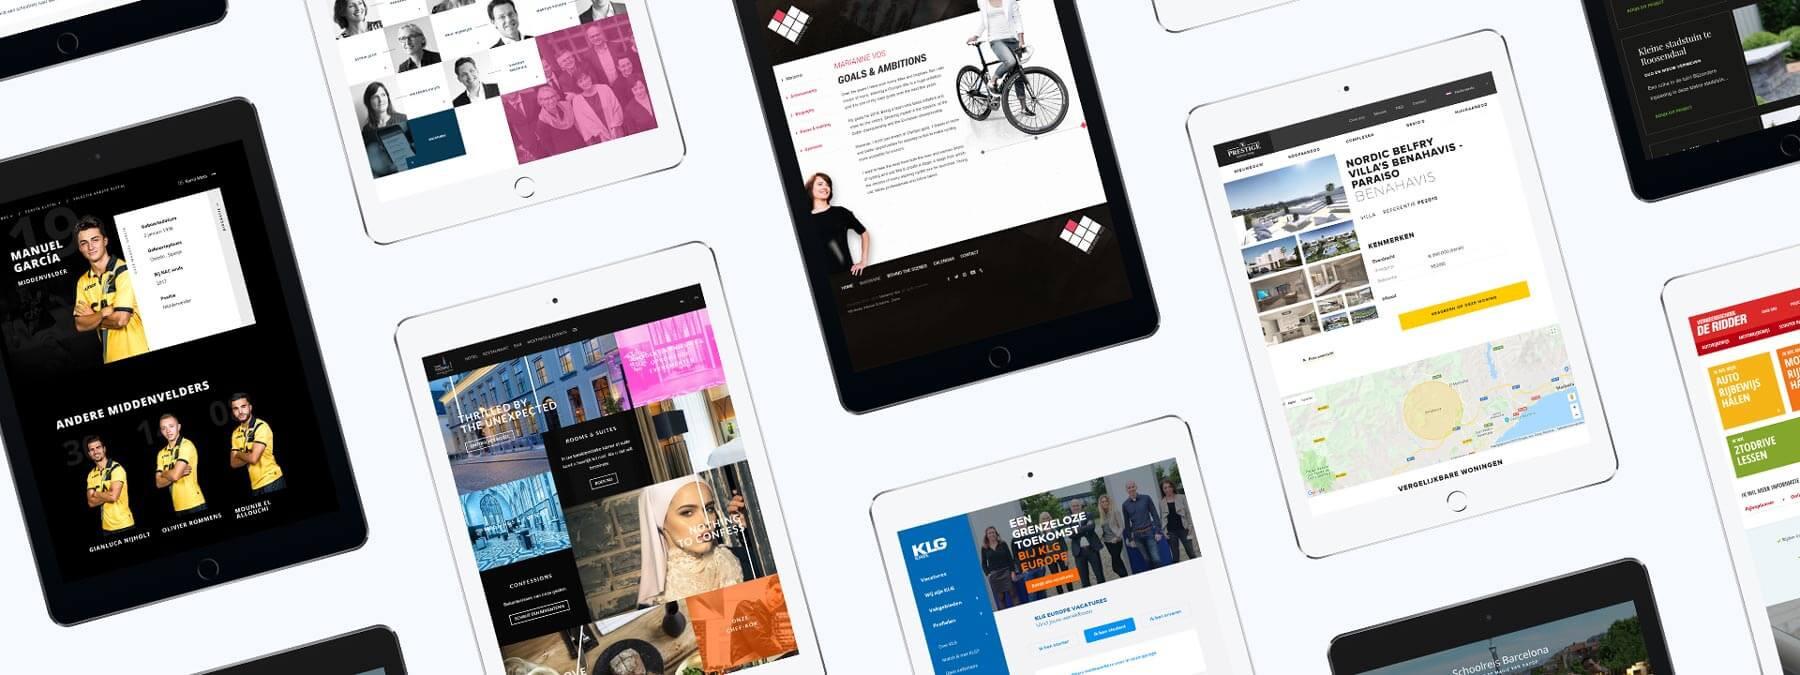 Website ontwikkeling door RB-Media uit Breda, laat ons jouw website maken!